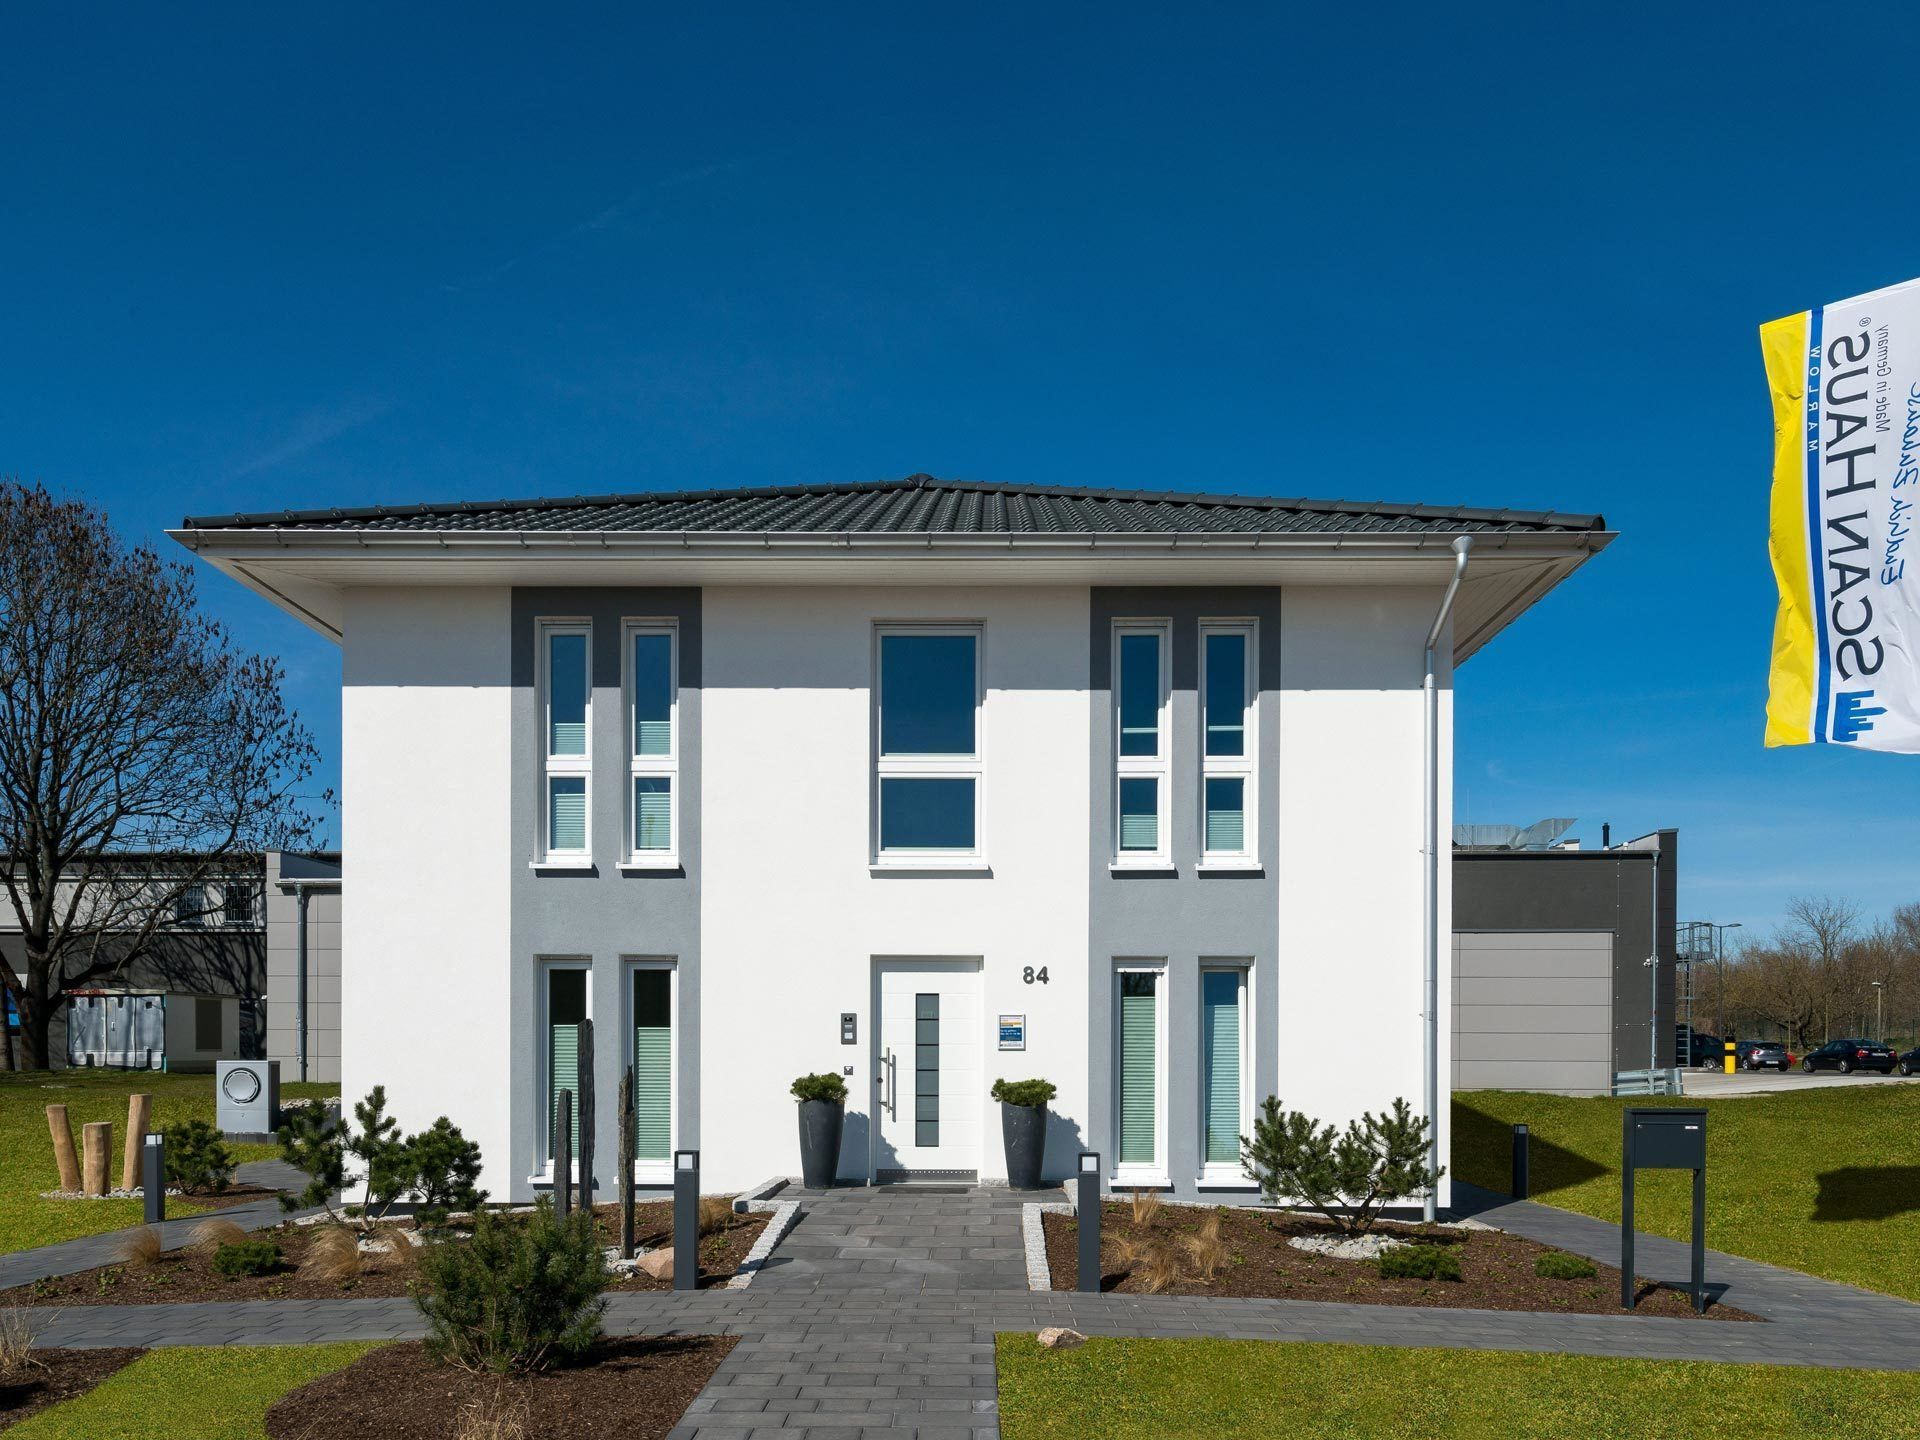 fertighaus mit zeltdach musterhaus sh 155 s variante b scanhaus marlow weitere ansichten. Black Bedroom Furniture Sets. Home Design Ideas